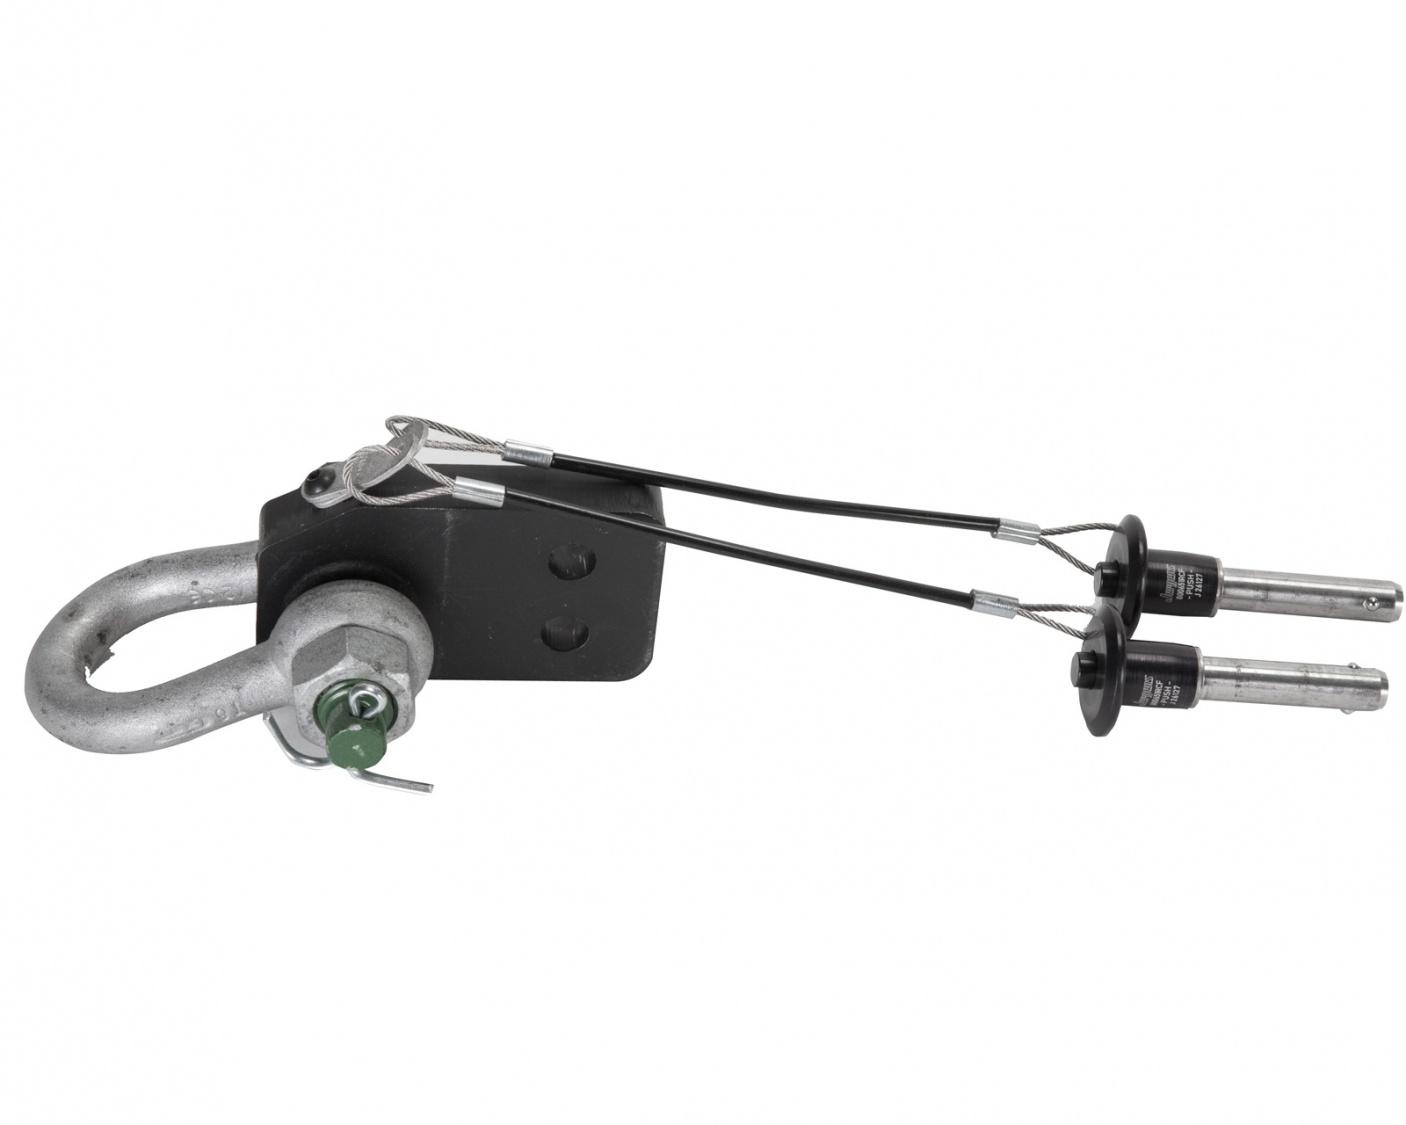 Крепления RCF FLY BAR PICKUP HDL20 Запасной чекель с крепежом для подвесной рамы. rcf stck bar nxl23